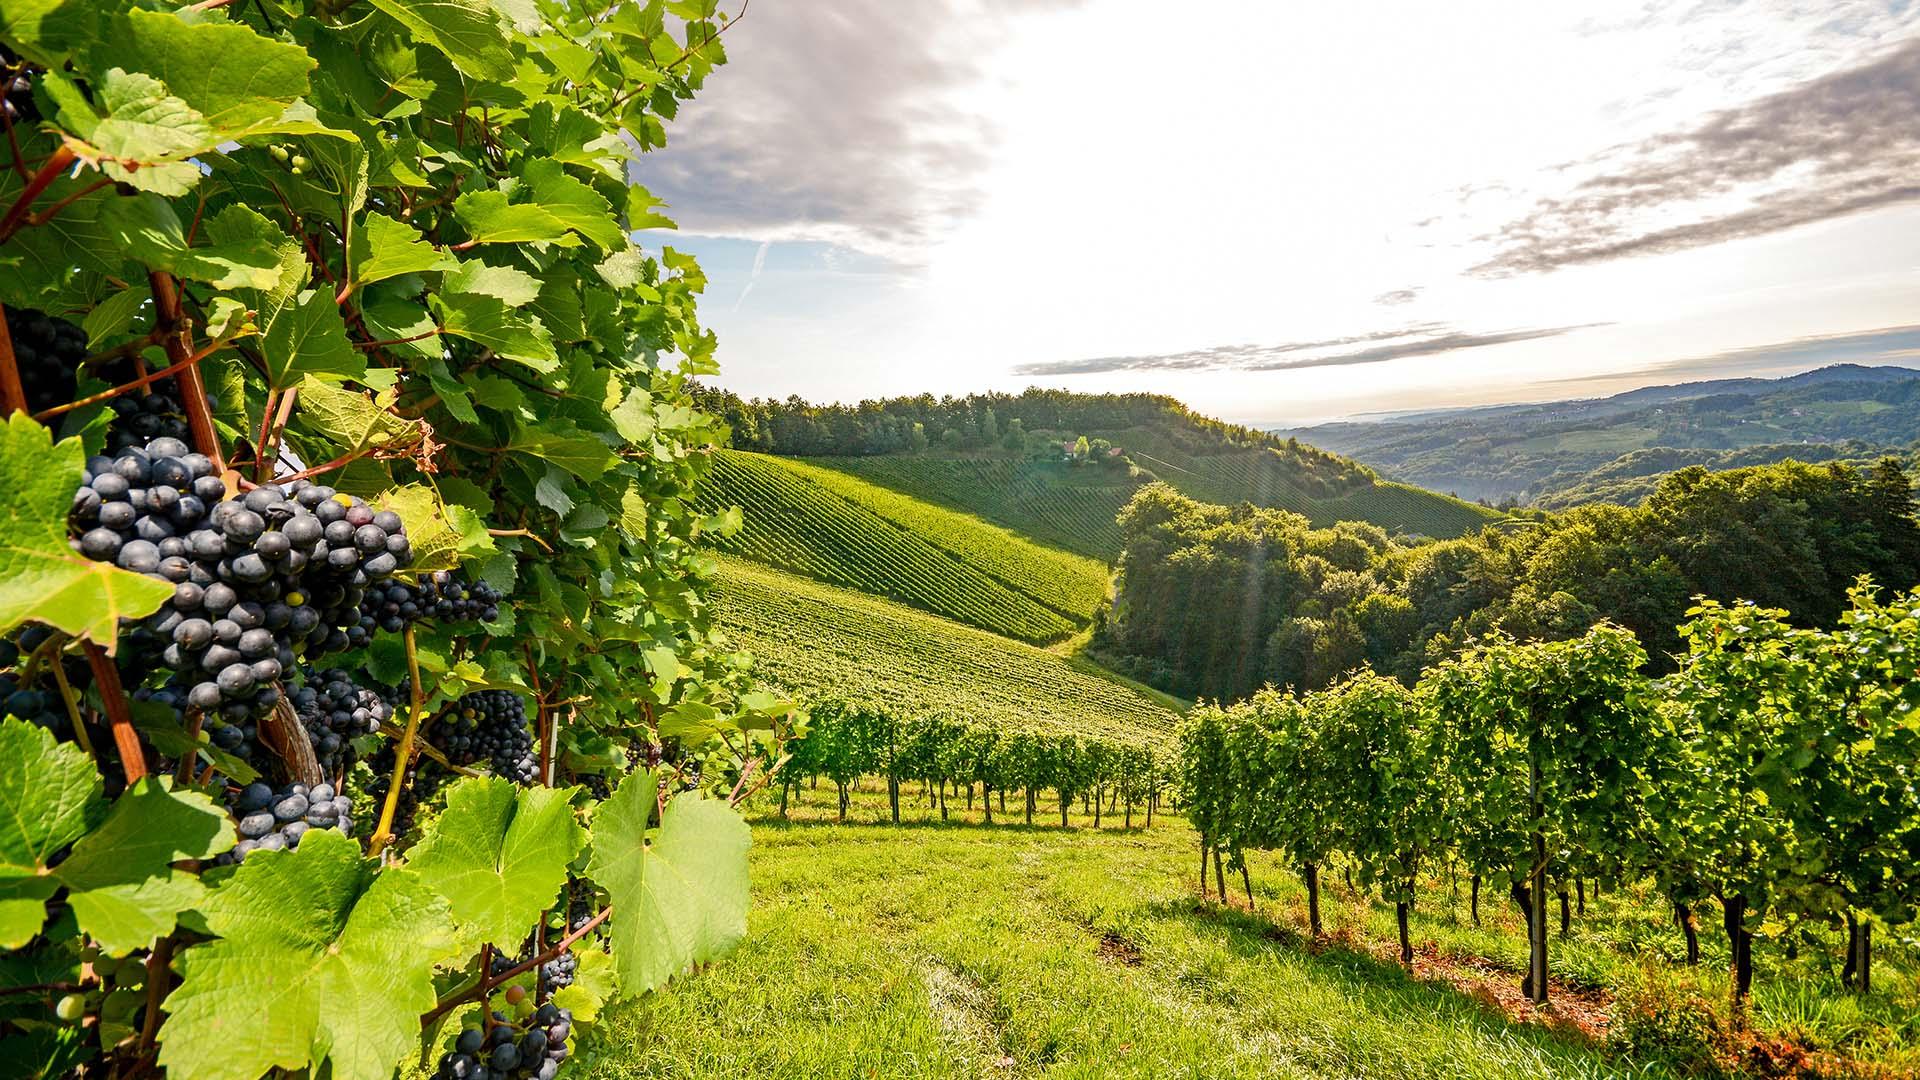 coteau domaine viticole vente de vin Cépages Gamay & cépages Chardonnay Denicé Beaujolais